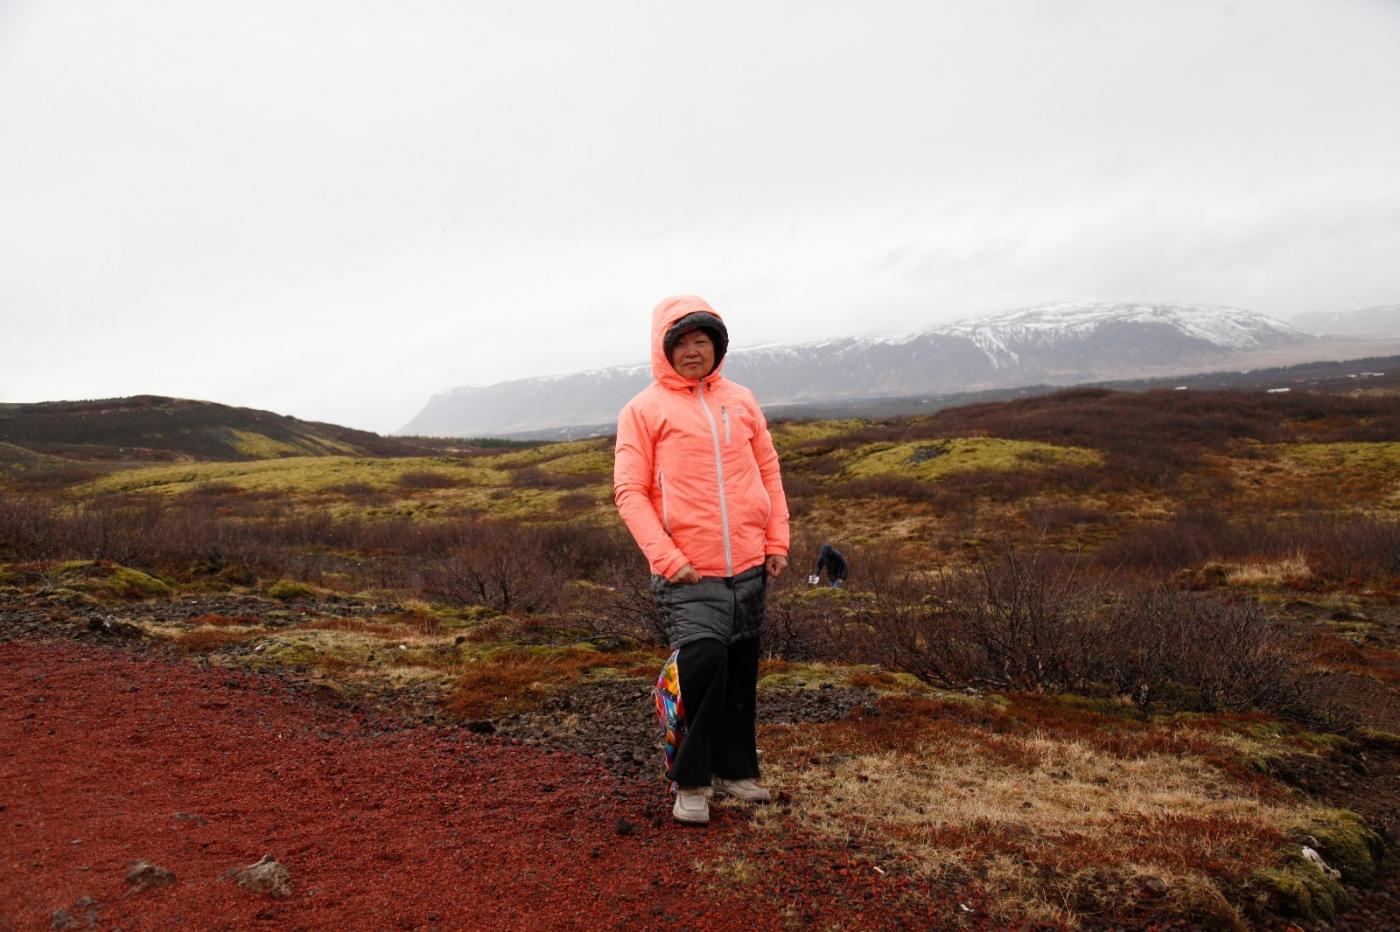 冰岛异国风情_图1-15